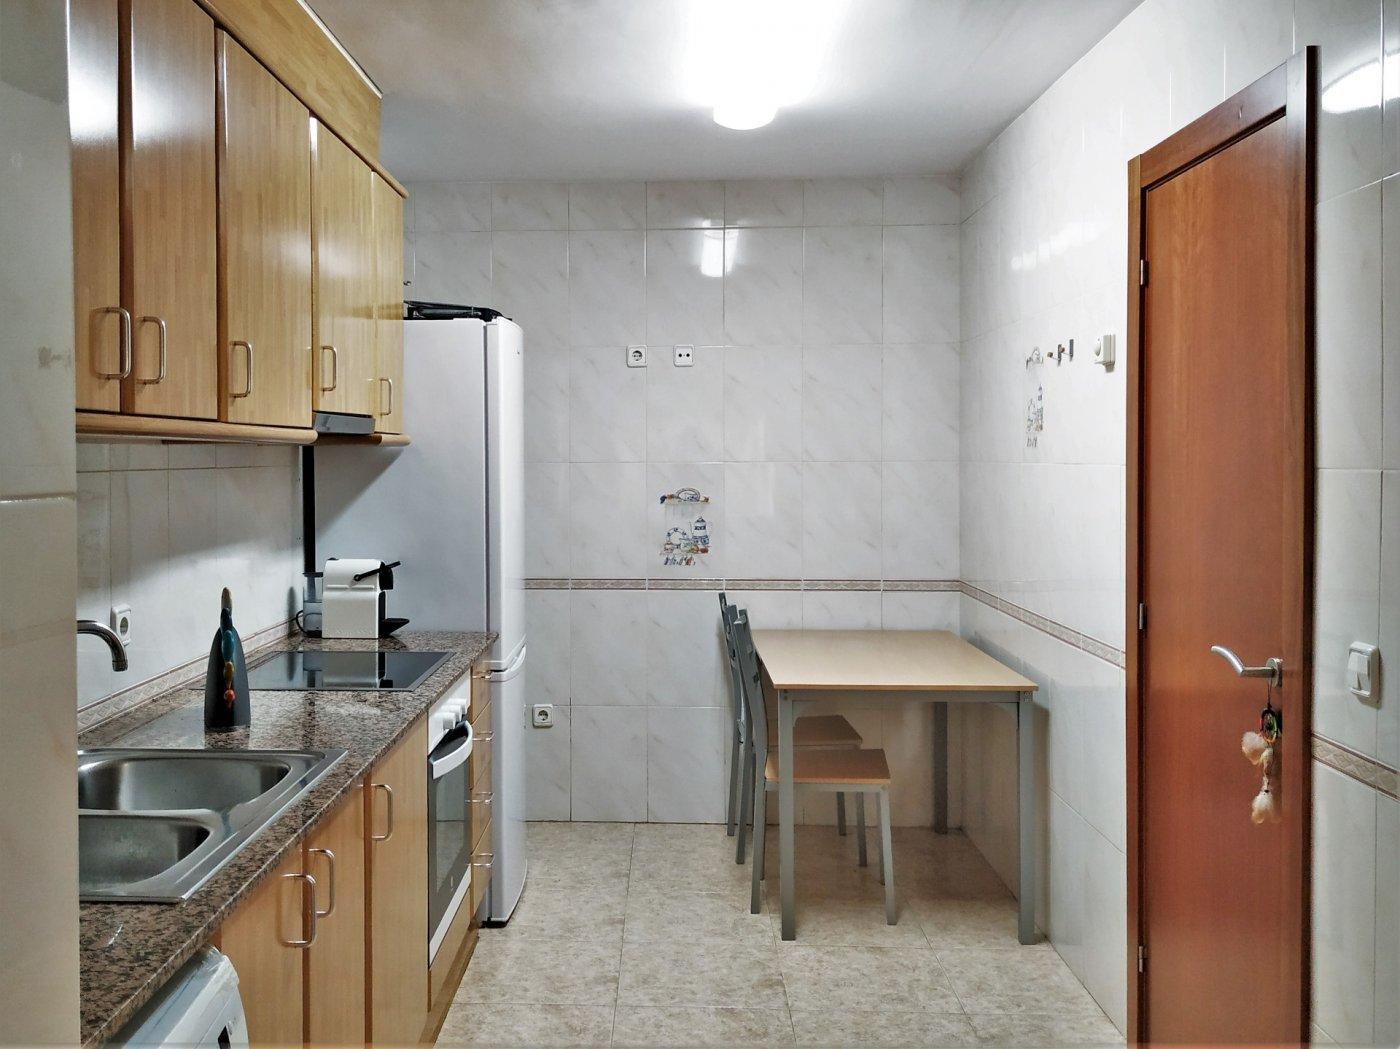 Flat for rent in Centro, Santa Coloma de Farners